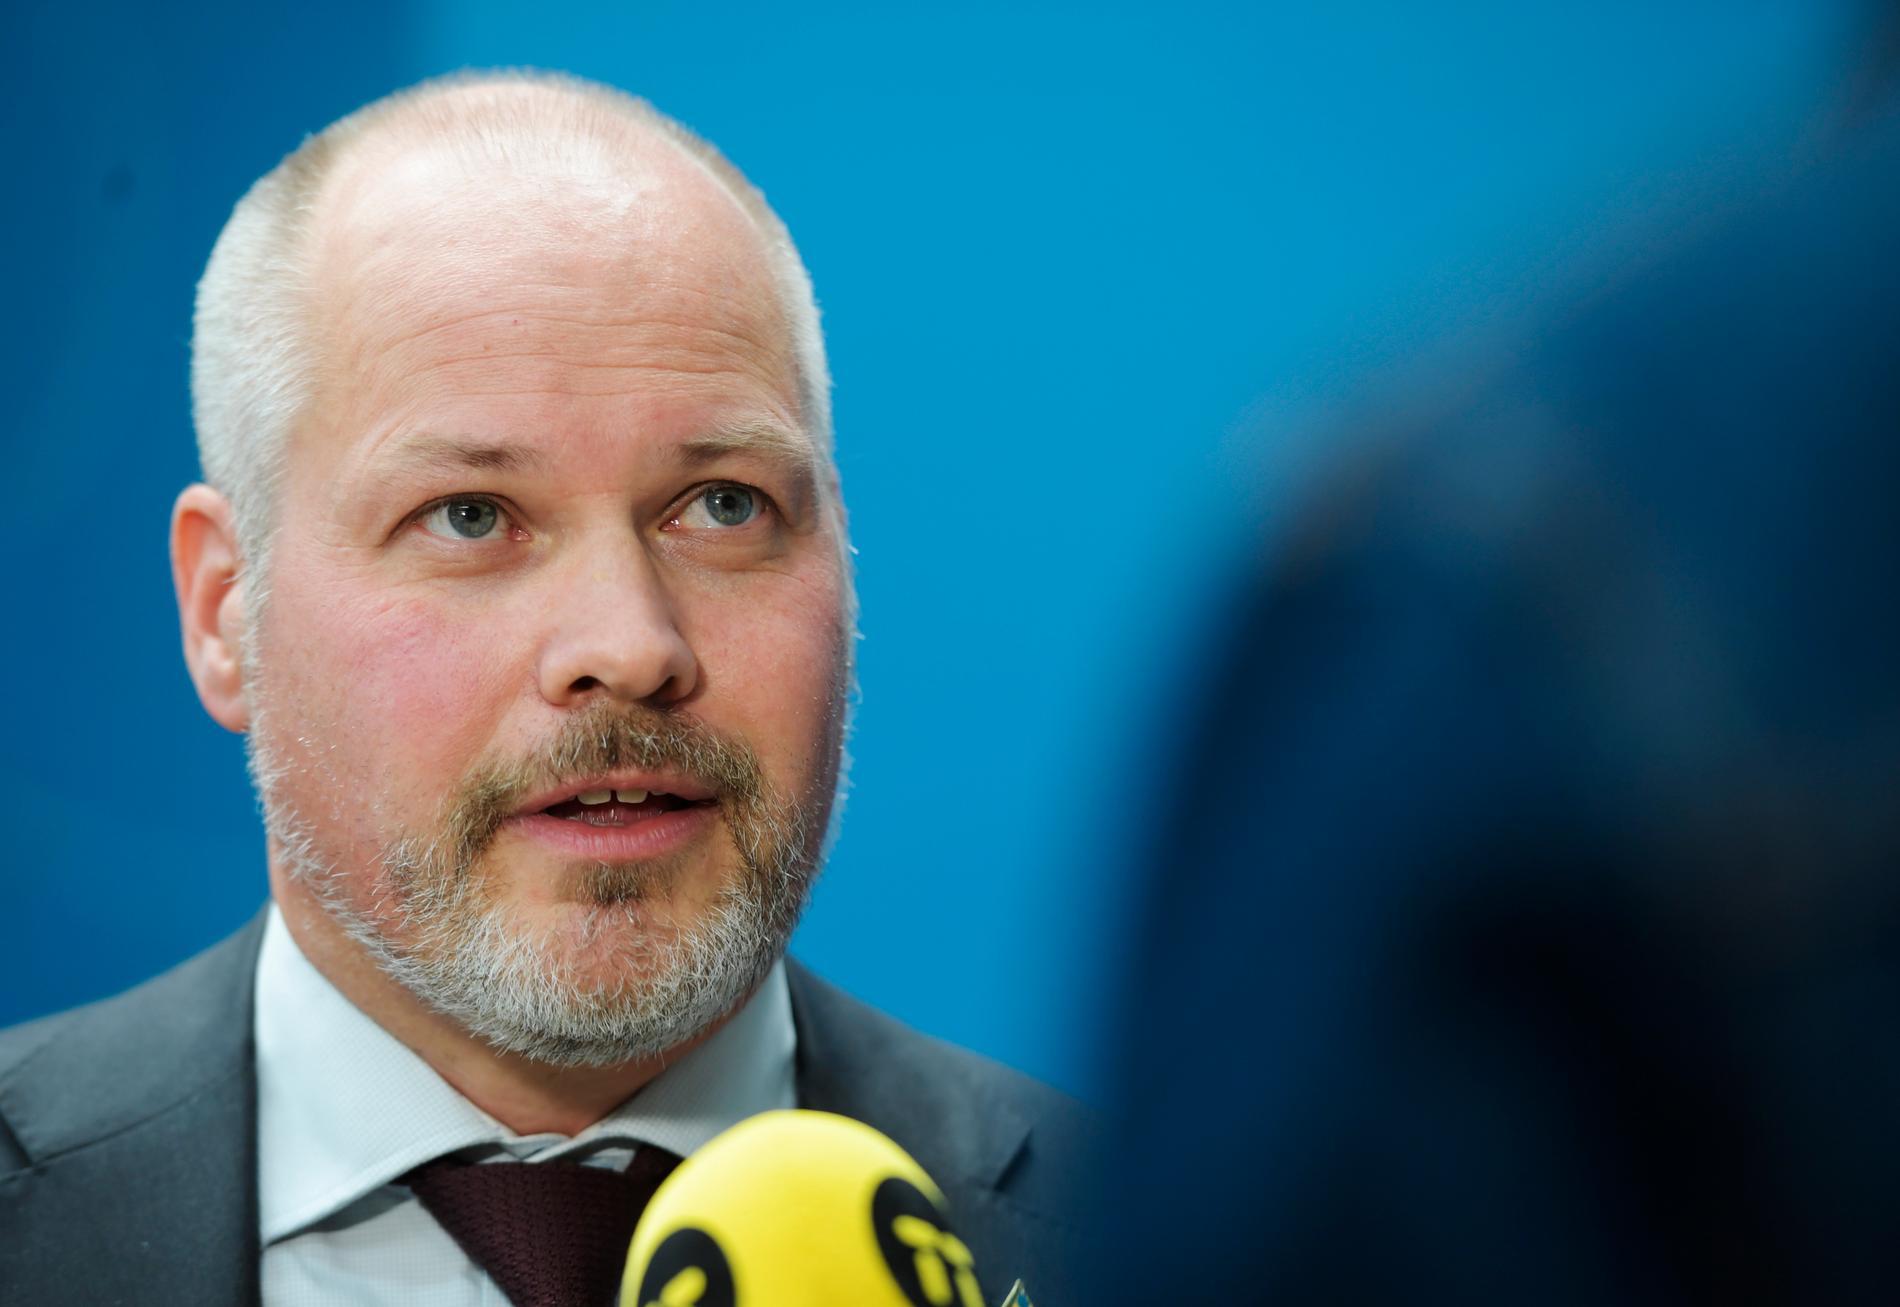 Justitieminister Morgan Johansson (S) säger till TV4 att regeringen vill göra det straffbart att hetsa någon till självmord. Arkivbild.